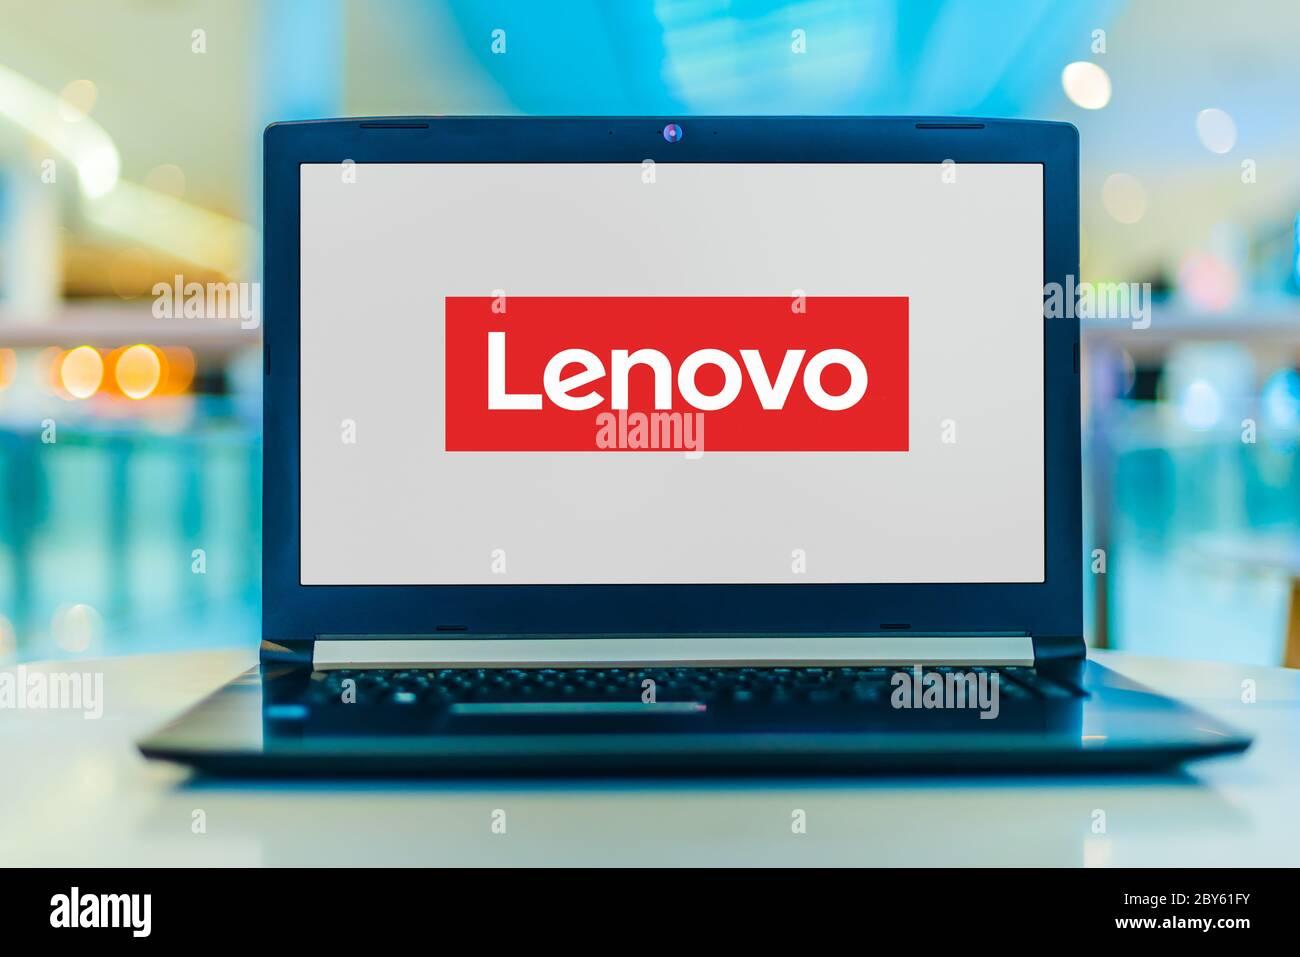 View Logo Lenovo 2020